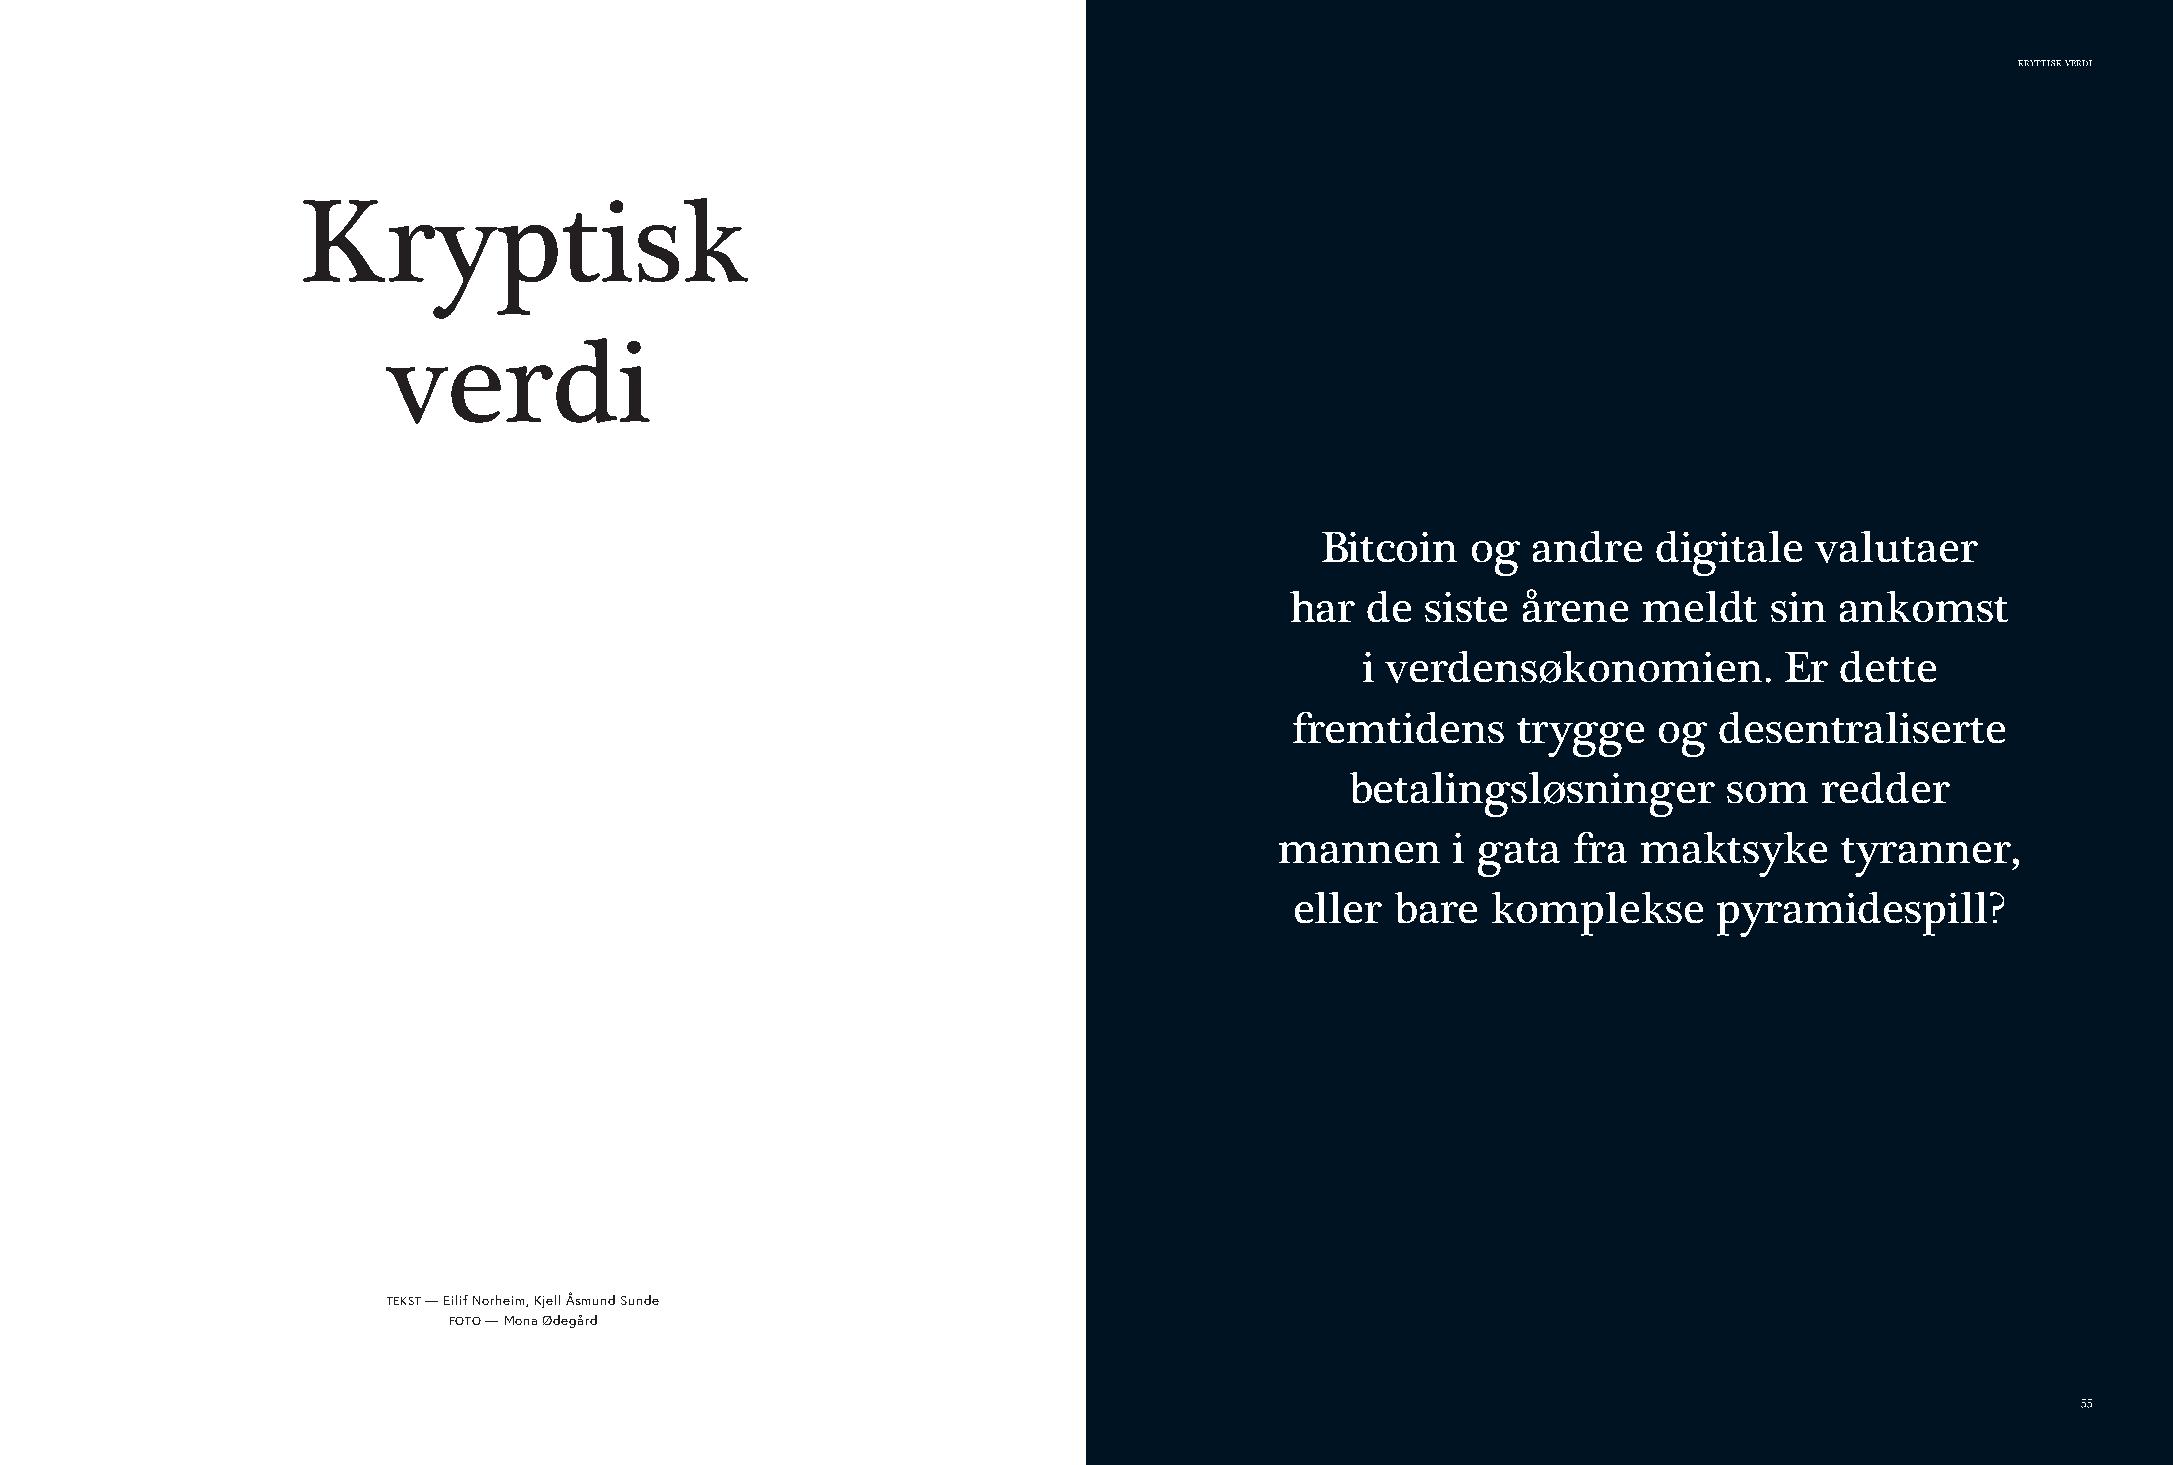 Kryptisk-Verdi-feature-om-bitcoin-av-Eilif-Norheim-og-Kjell-Sundepng_Page1.png